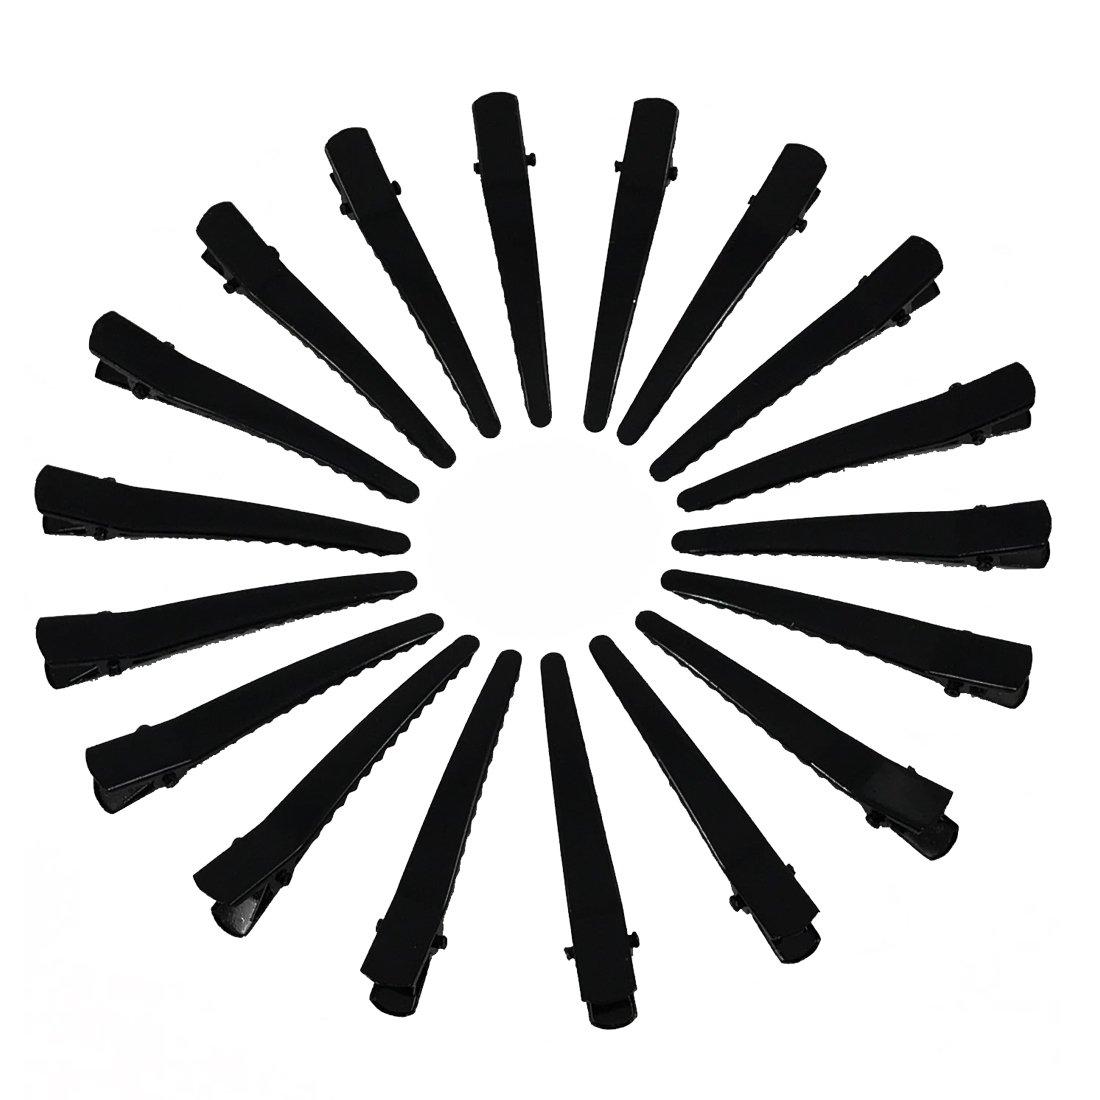 YAKA 50 Pack Black Metal Alligator Hair Clips For Girls Women, Professional Non-slip Hair Bows Pins,DIY Hair Accessories Hair Barrettes